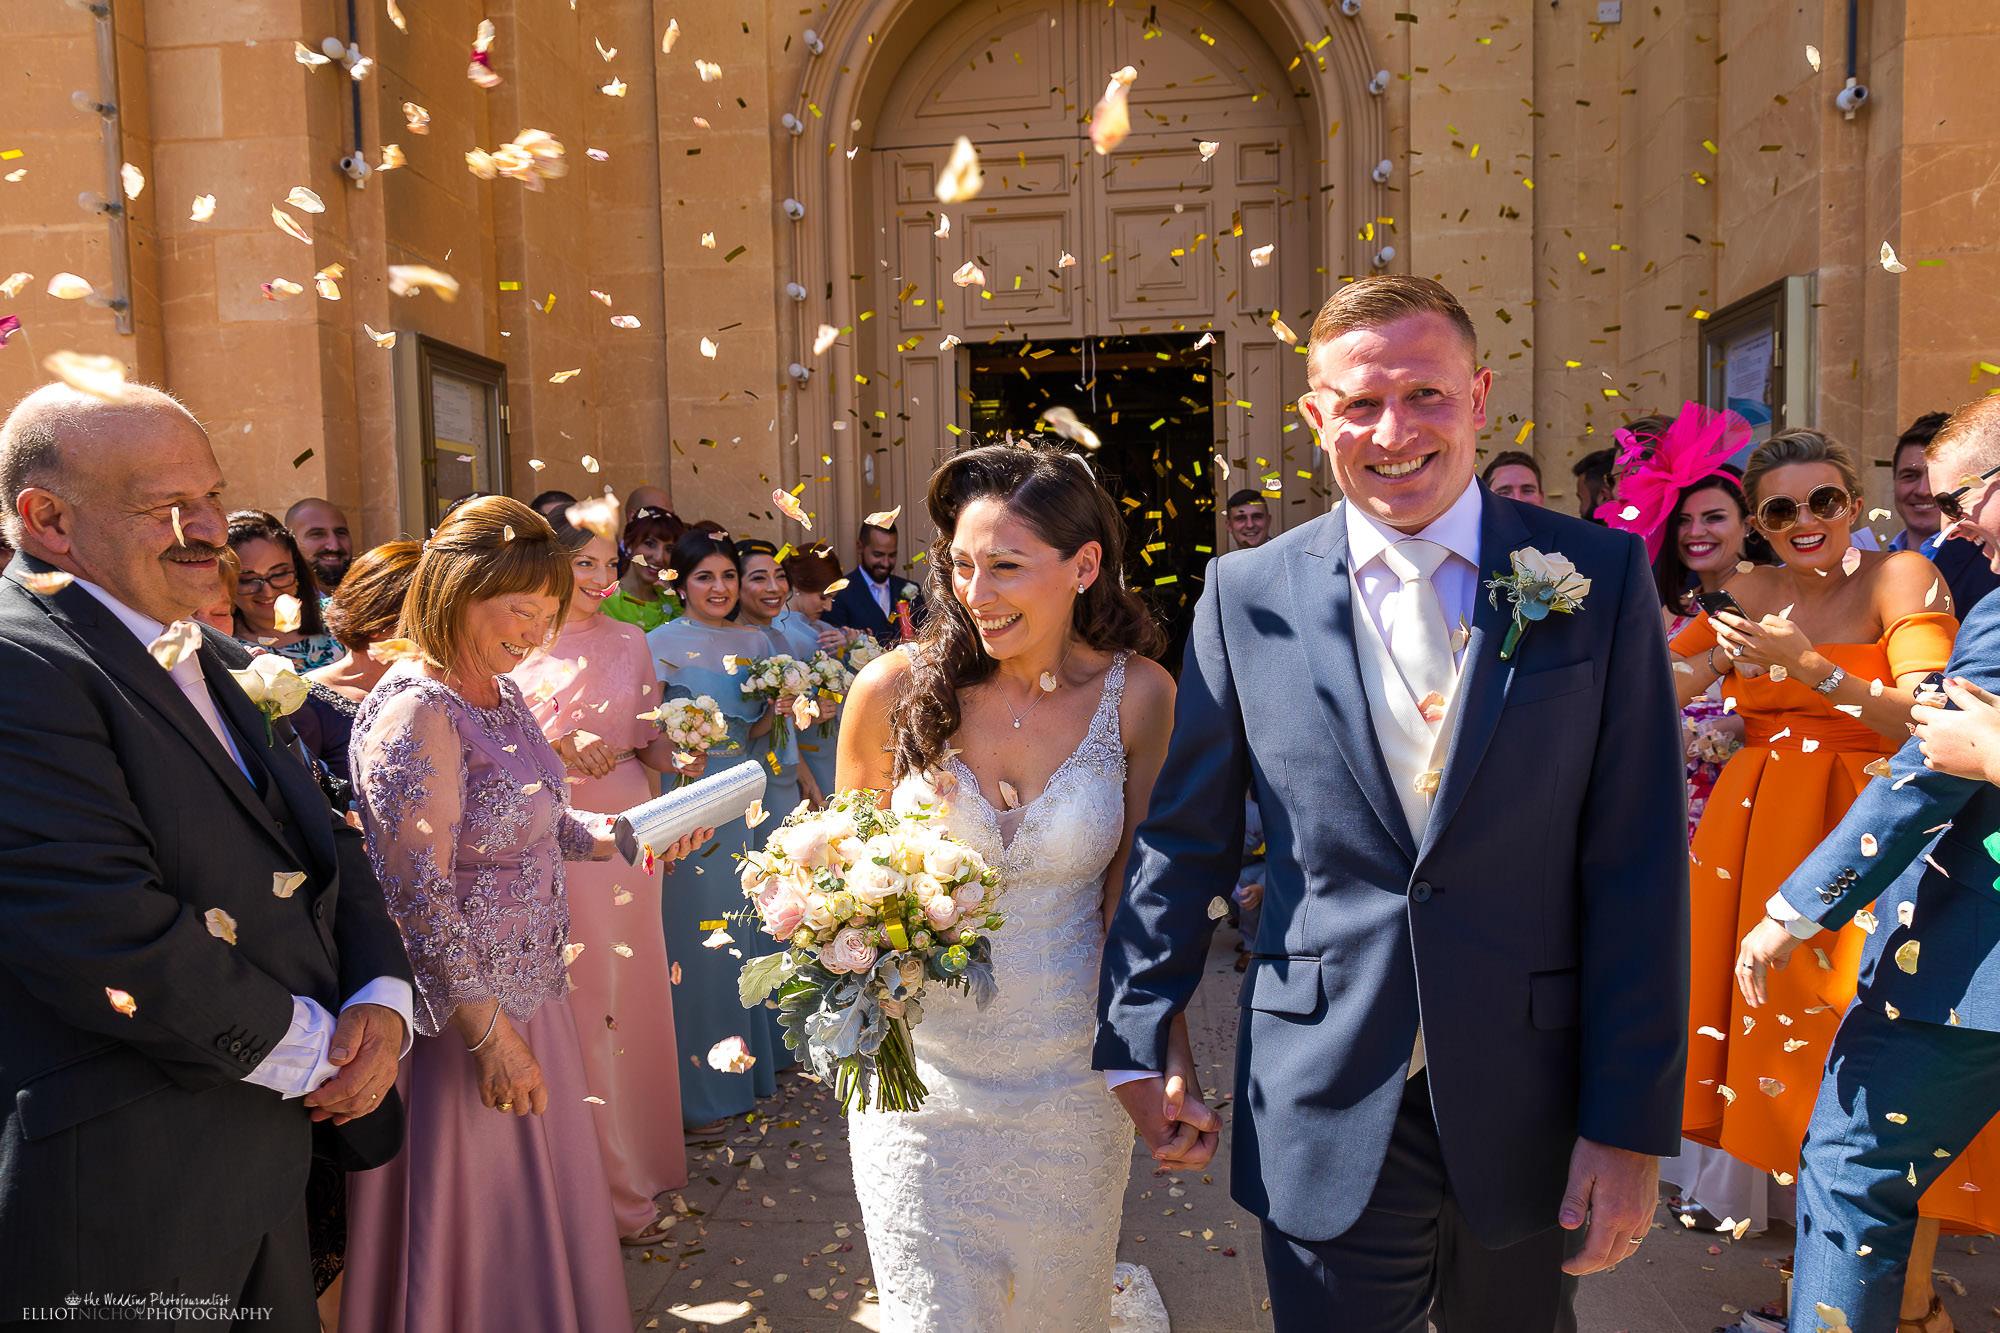 confetti-church-bride-groom-destination-weddings